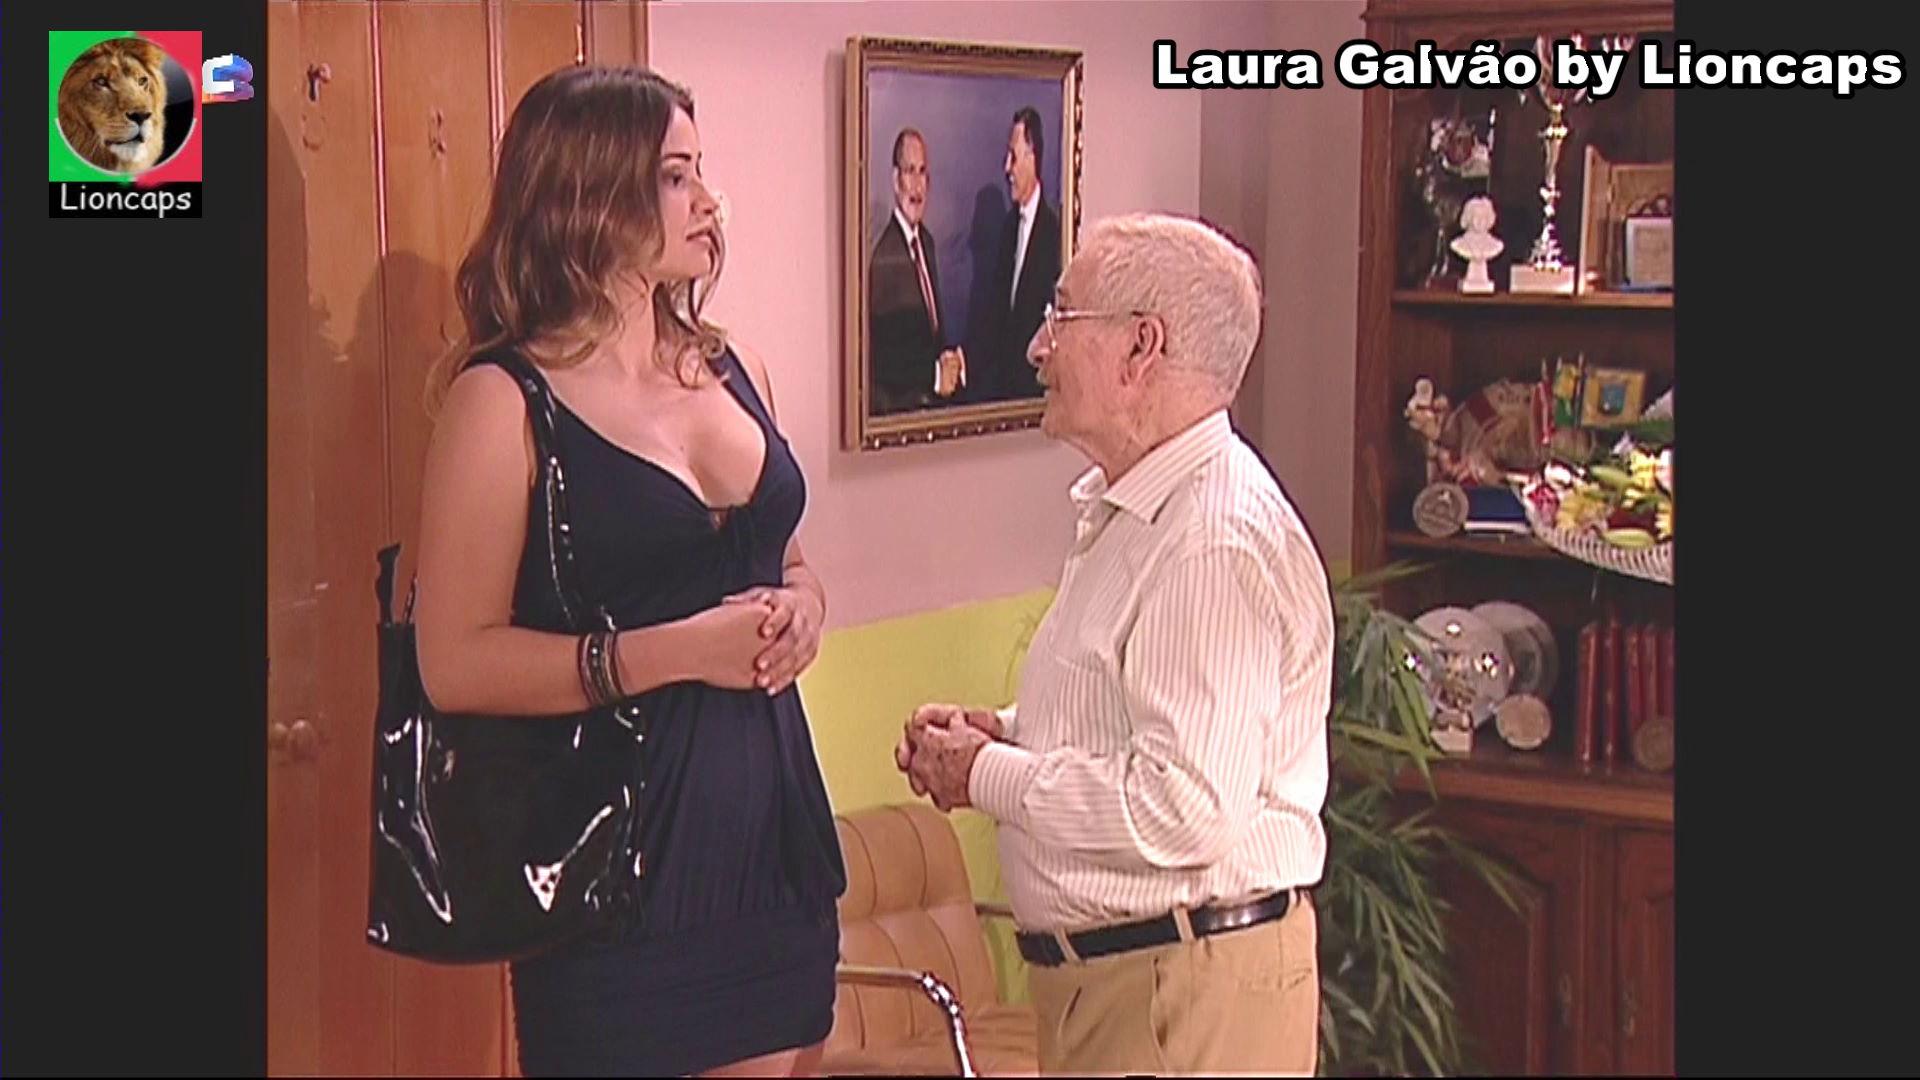 874616215_laura_galvao_vs181215_0634_122_114lo.JPG